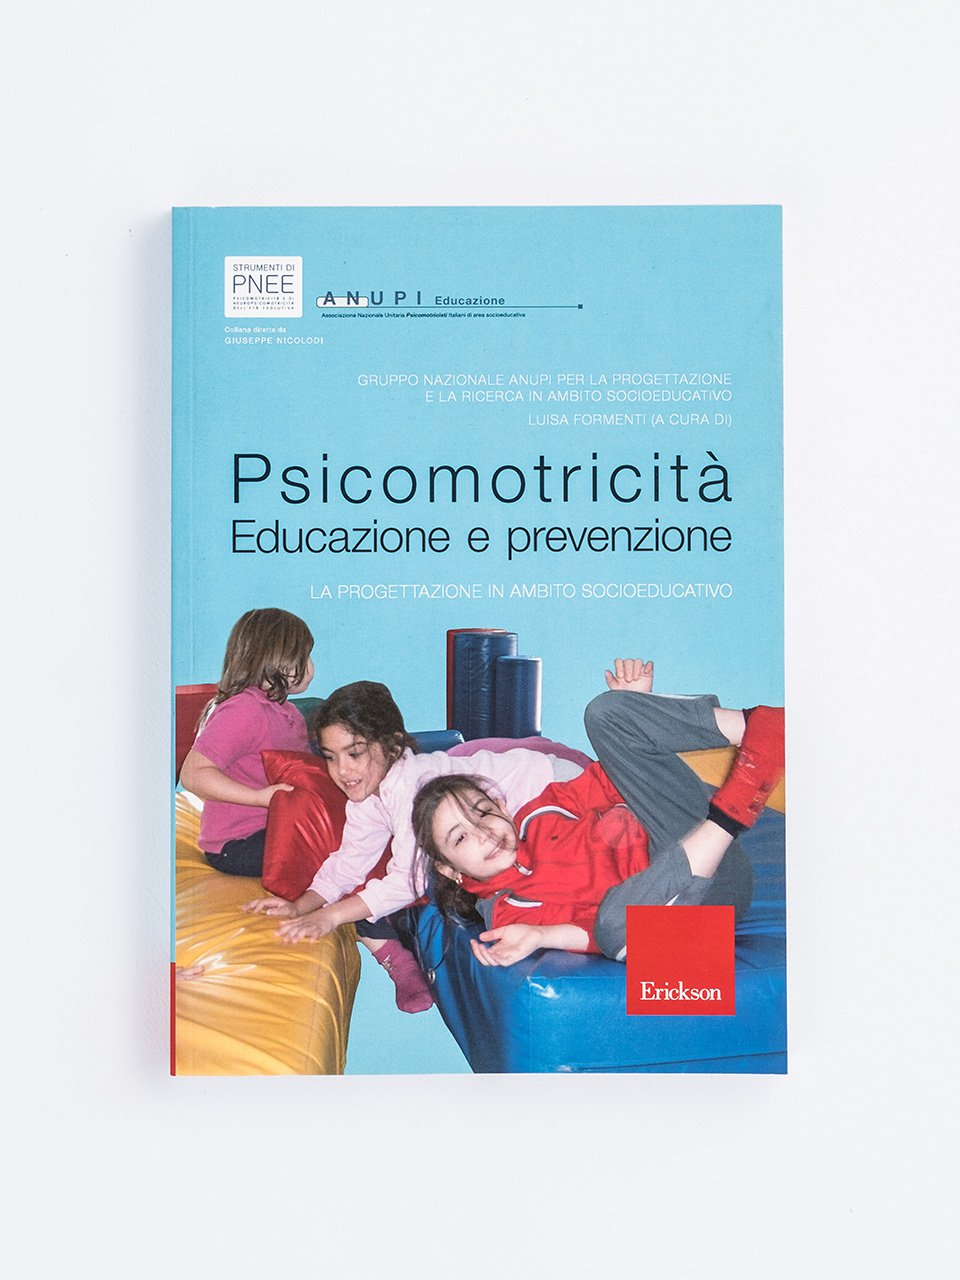 Psicomotricità. Educazione e prevenzione - L'osservazione del bambino nel lavoro psicomotorio - Erickson